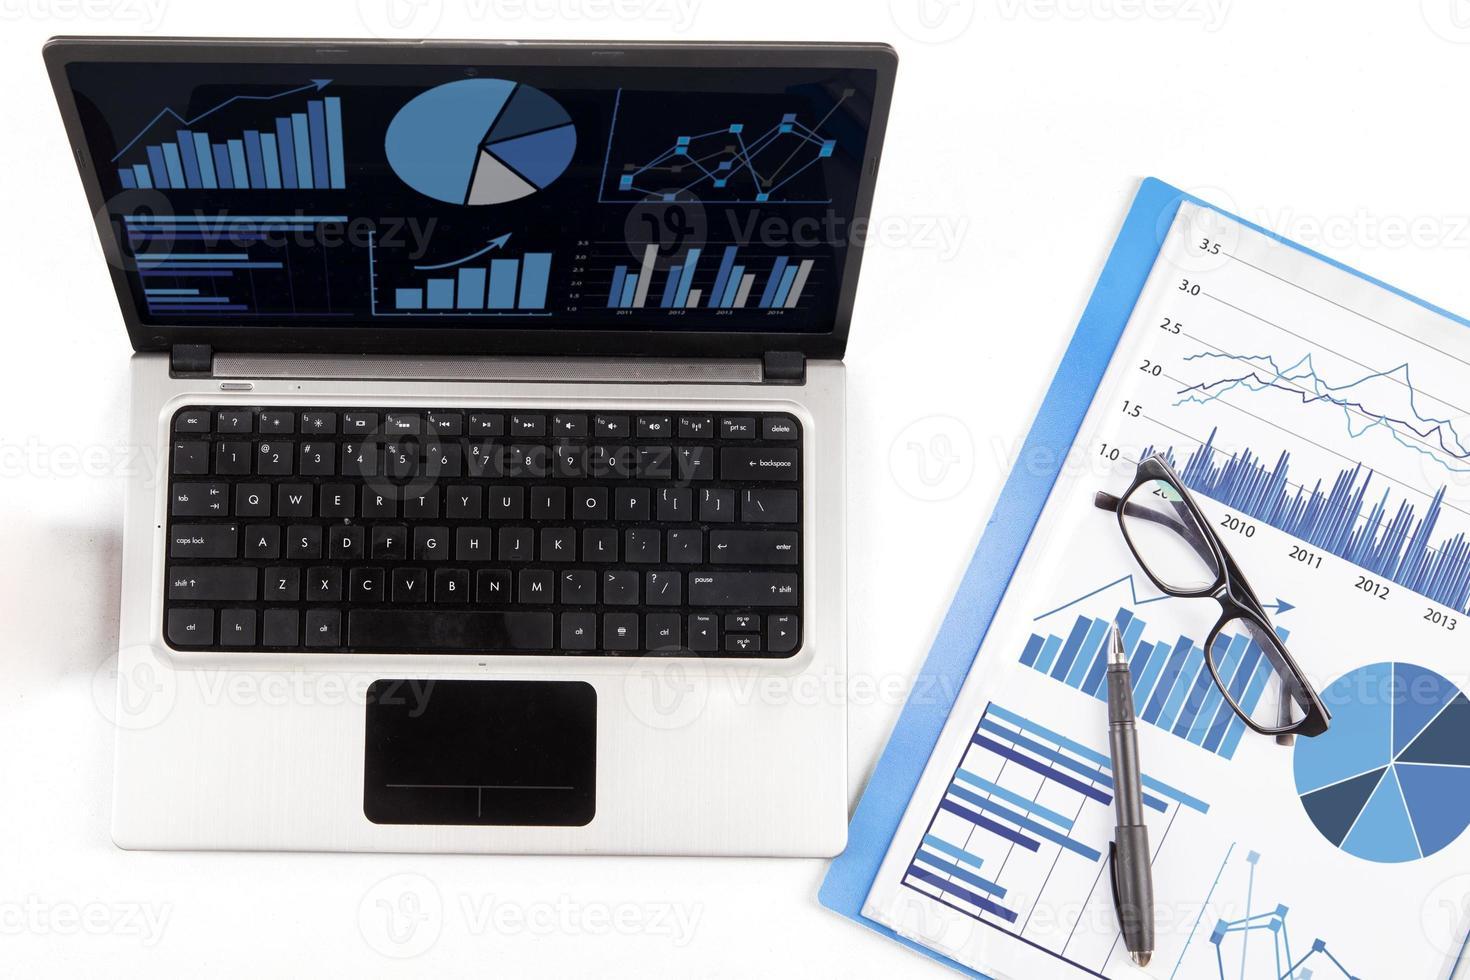 Finanzanalyse mit Geschäftsdiagramm 1 foto